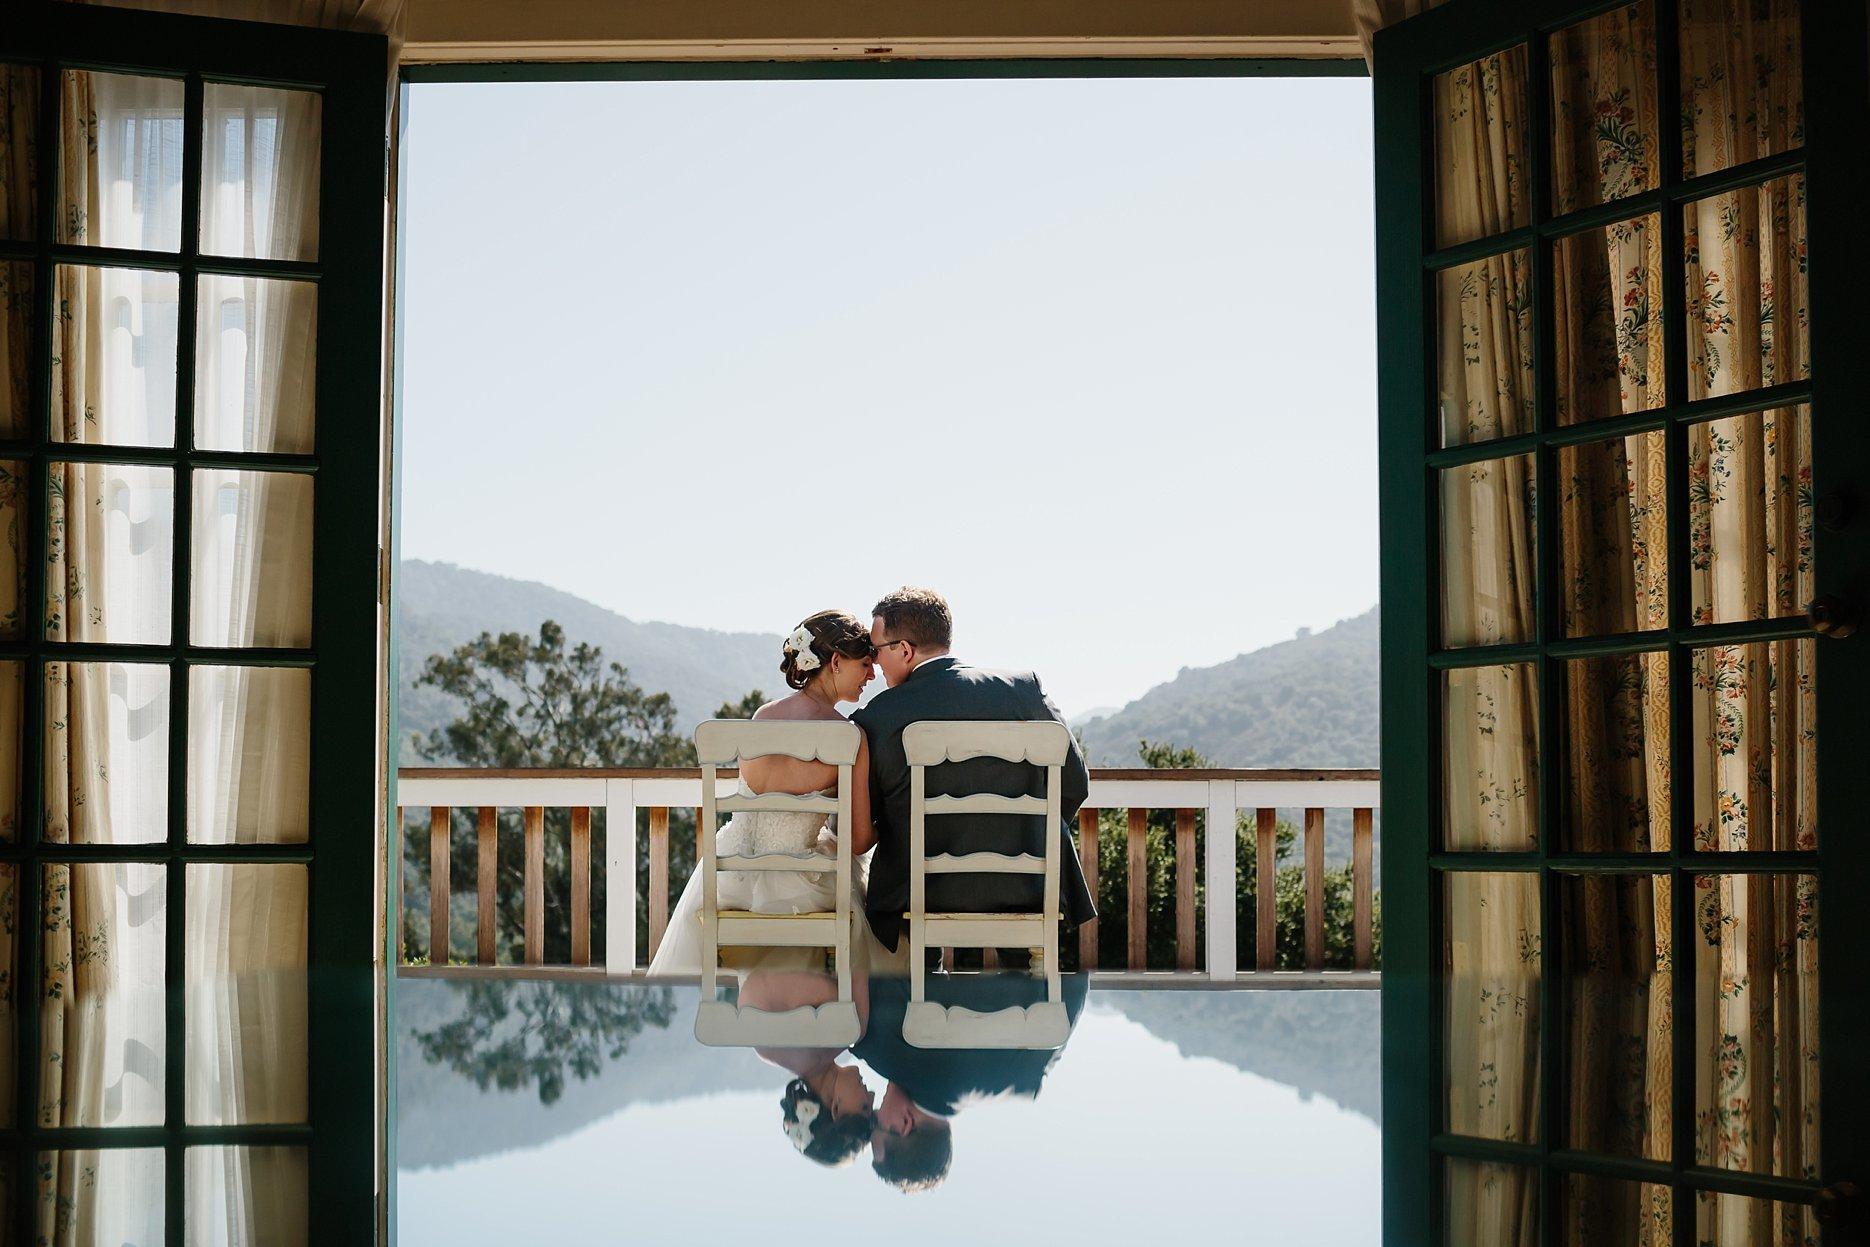 Los Laureles Lodge Carmel Valley Monterey County Wedding Location Los laureles lodge opening hours. los laureles lodge carmel valley